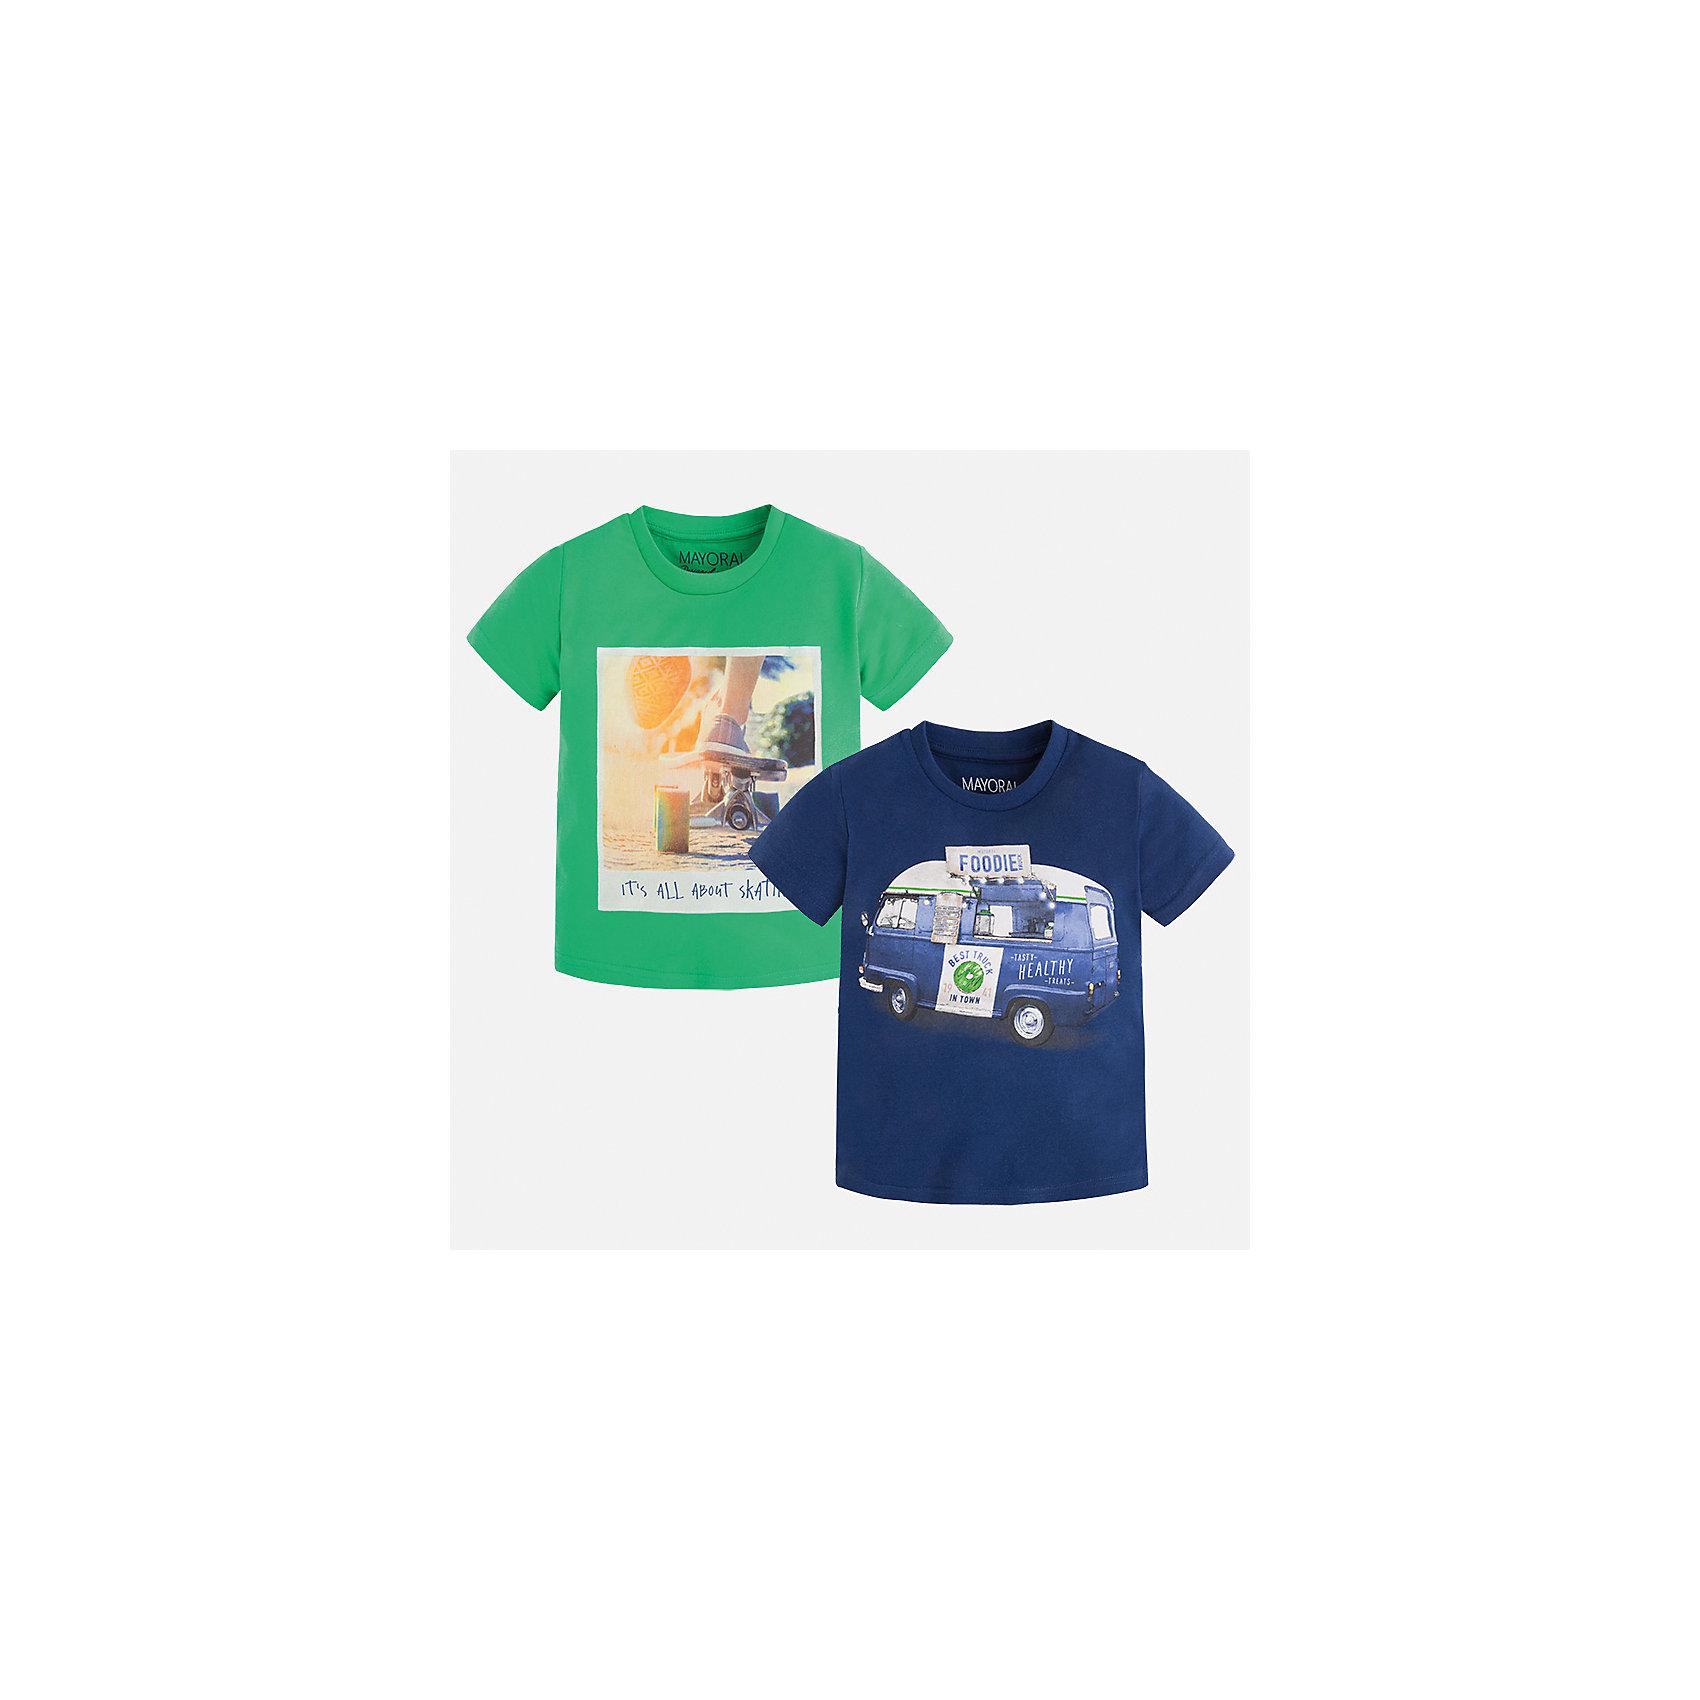 Футболка с длинным рукавом для мальчика MayoralФутболки, поло и топы<br>Характеристики товара:<br><br>• цвет: зеленый/синий<br>• состав: 100% хлопок<br>• комплектация: 2 шт<br>• декорированы кармашком на груди<br>• короткие рукава<br>• отделка горловины<br>• страна бренда: Испания<br><br>Модная удобная футболка с принтом поможет разнообразить гардероб мальчика. Она отлично сочетается с брюками, шортами, джинсами. Универсальный крой и цвет позволяет подобрать к вещи низ разных расцветок. Практичное и стильное изделие! Хорошо смотрится и комфортно сидит на детях. В составе материала - только натуральный хлопок, гипоаллергенный, приятный на ощупь, дышащий. <br><br>Одежда, обувь и аксессуары от испанского бренда Mayoral полюбились детям и взрослым по всему миру. Модели этой марки - стильные и удобные. Для их производства используются только безопасные, качественные материалы и фурнитура. Порадуйте ребенка модными и красивыми вещами от Mayoral! <br><br>Футболку (2 шт.) для мальчика от испанского бренда Mayoral (Майорал) можно купить в нашем интернет-магазине.<br><br>Ширина мм: 230<br>Глубина мм: 40<br>Высота мм: 220<br>Вес г: 250<br>Цвет: зеленый<br>Возраст от месяцев: 18<br>Возраст до месяцев: 24<br>Пол: Мужской<br>Возраст: Детский<br>Размер: 92,122,134,128,116,110,104,98<br>SKU: 5280174